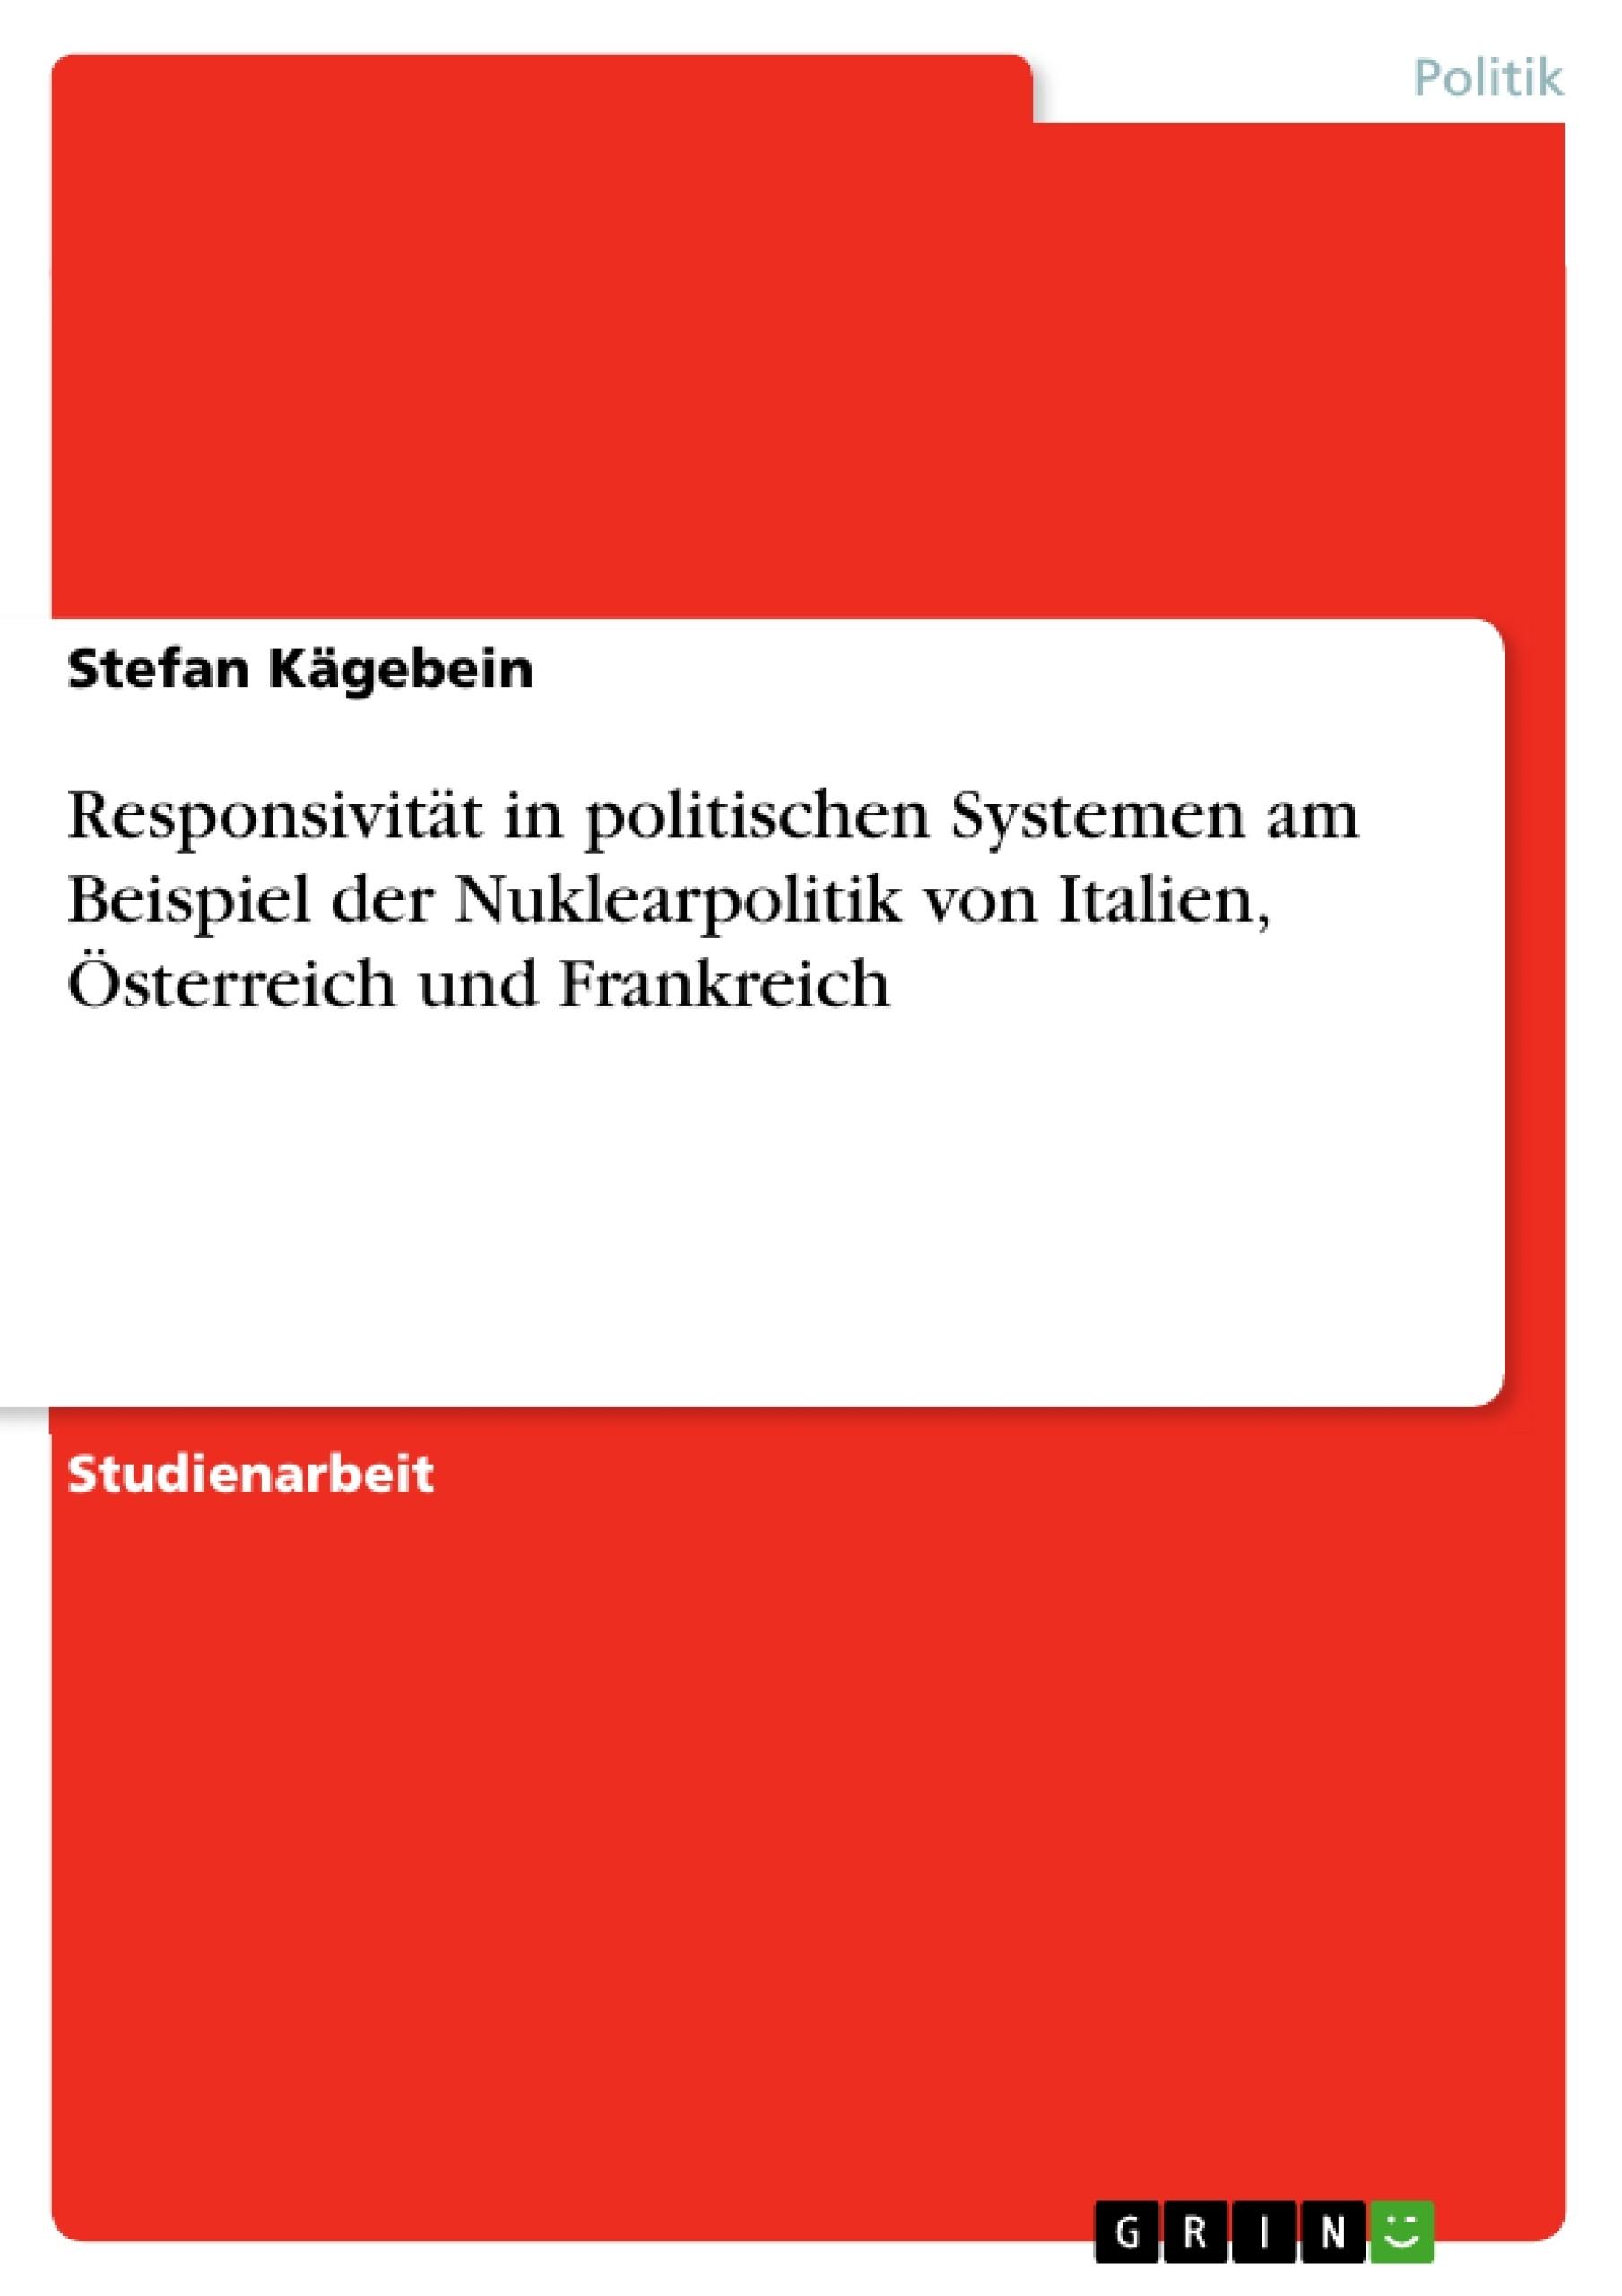 Titel: Responsivität in politischen Systemen am Beispiel der Nuklearpolitik von Italien, Österreich und Frankreich